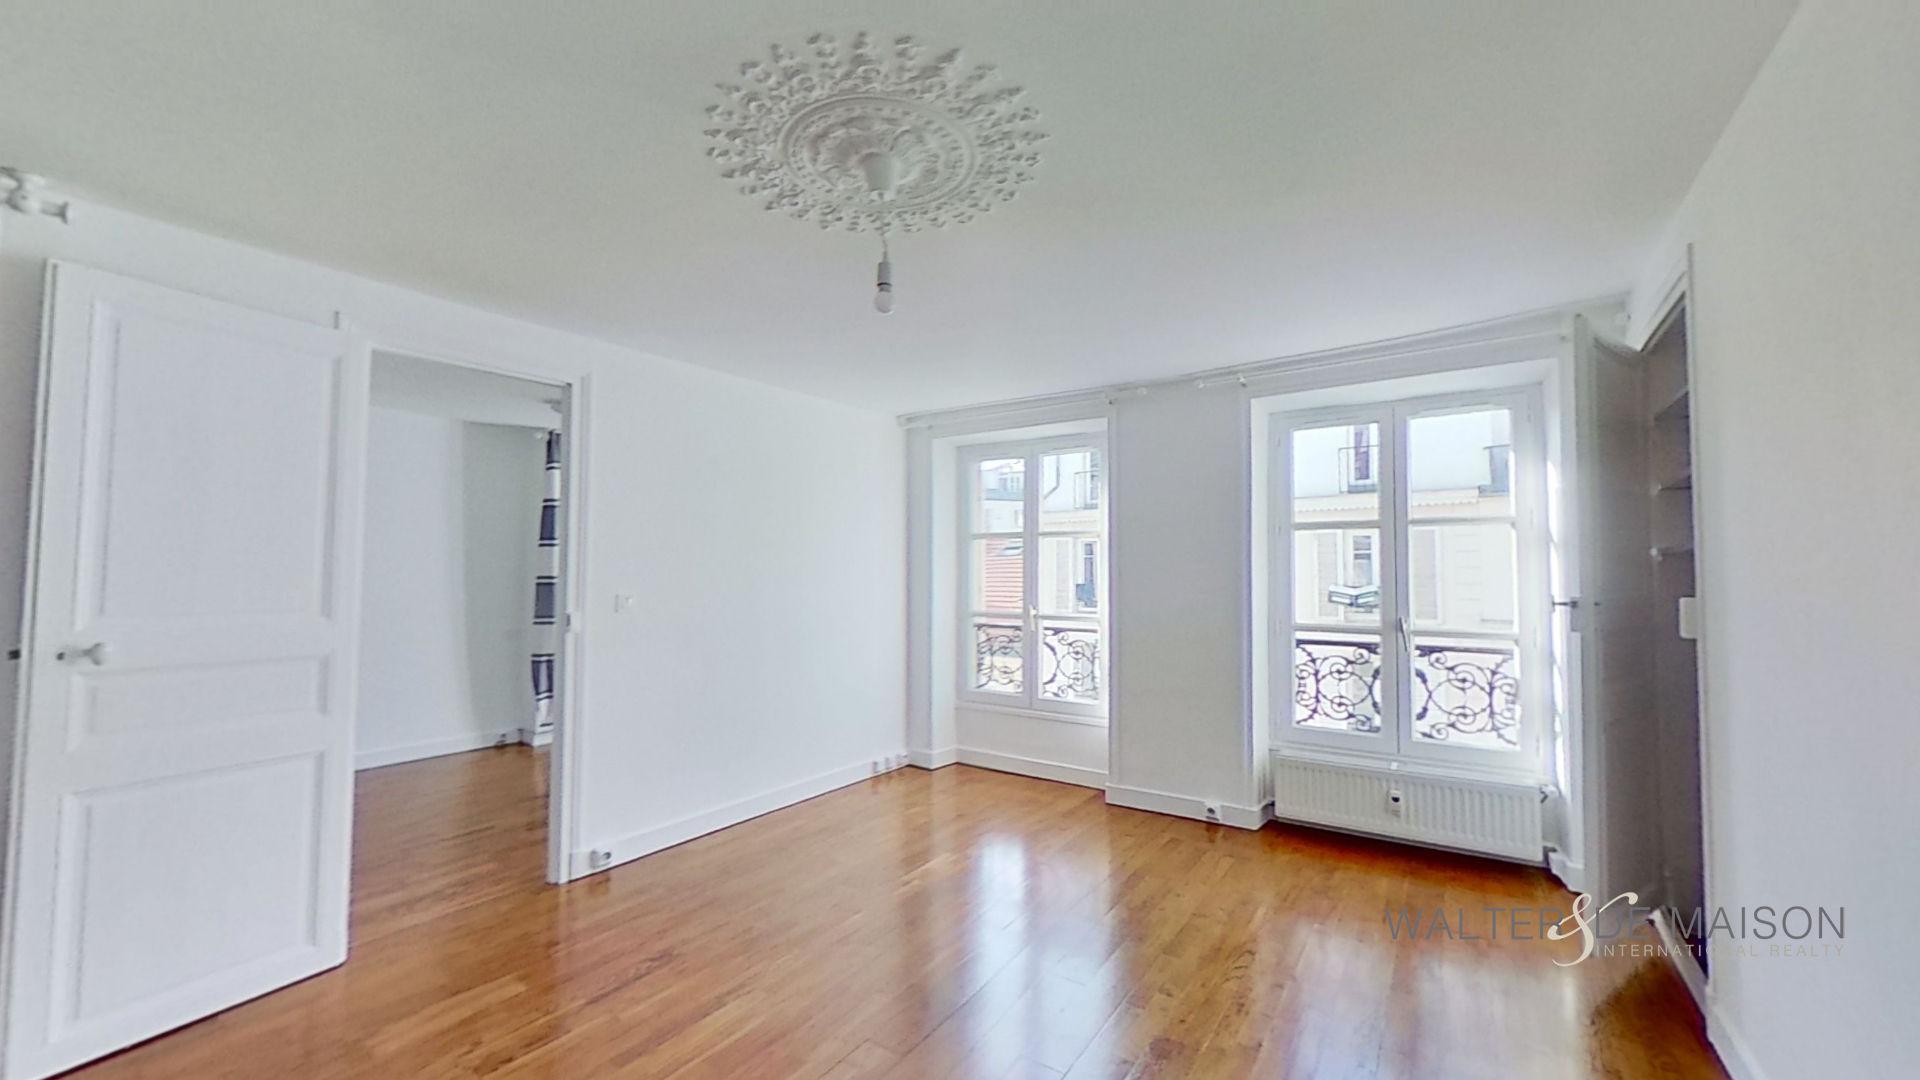 Appartement 2 pièce(s) 36.65 m²                         75005 PARIS